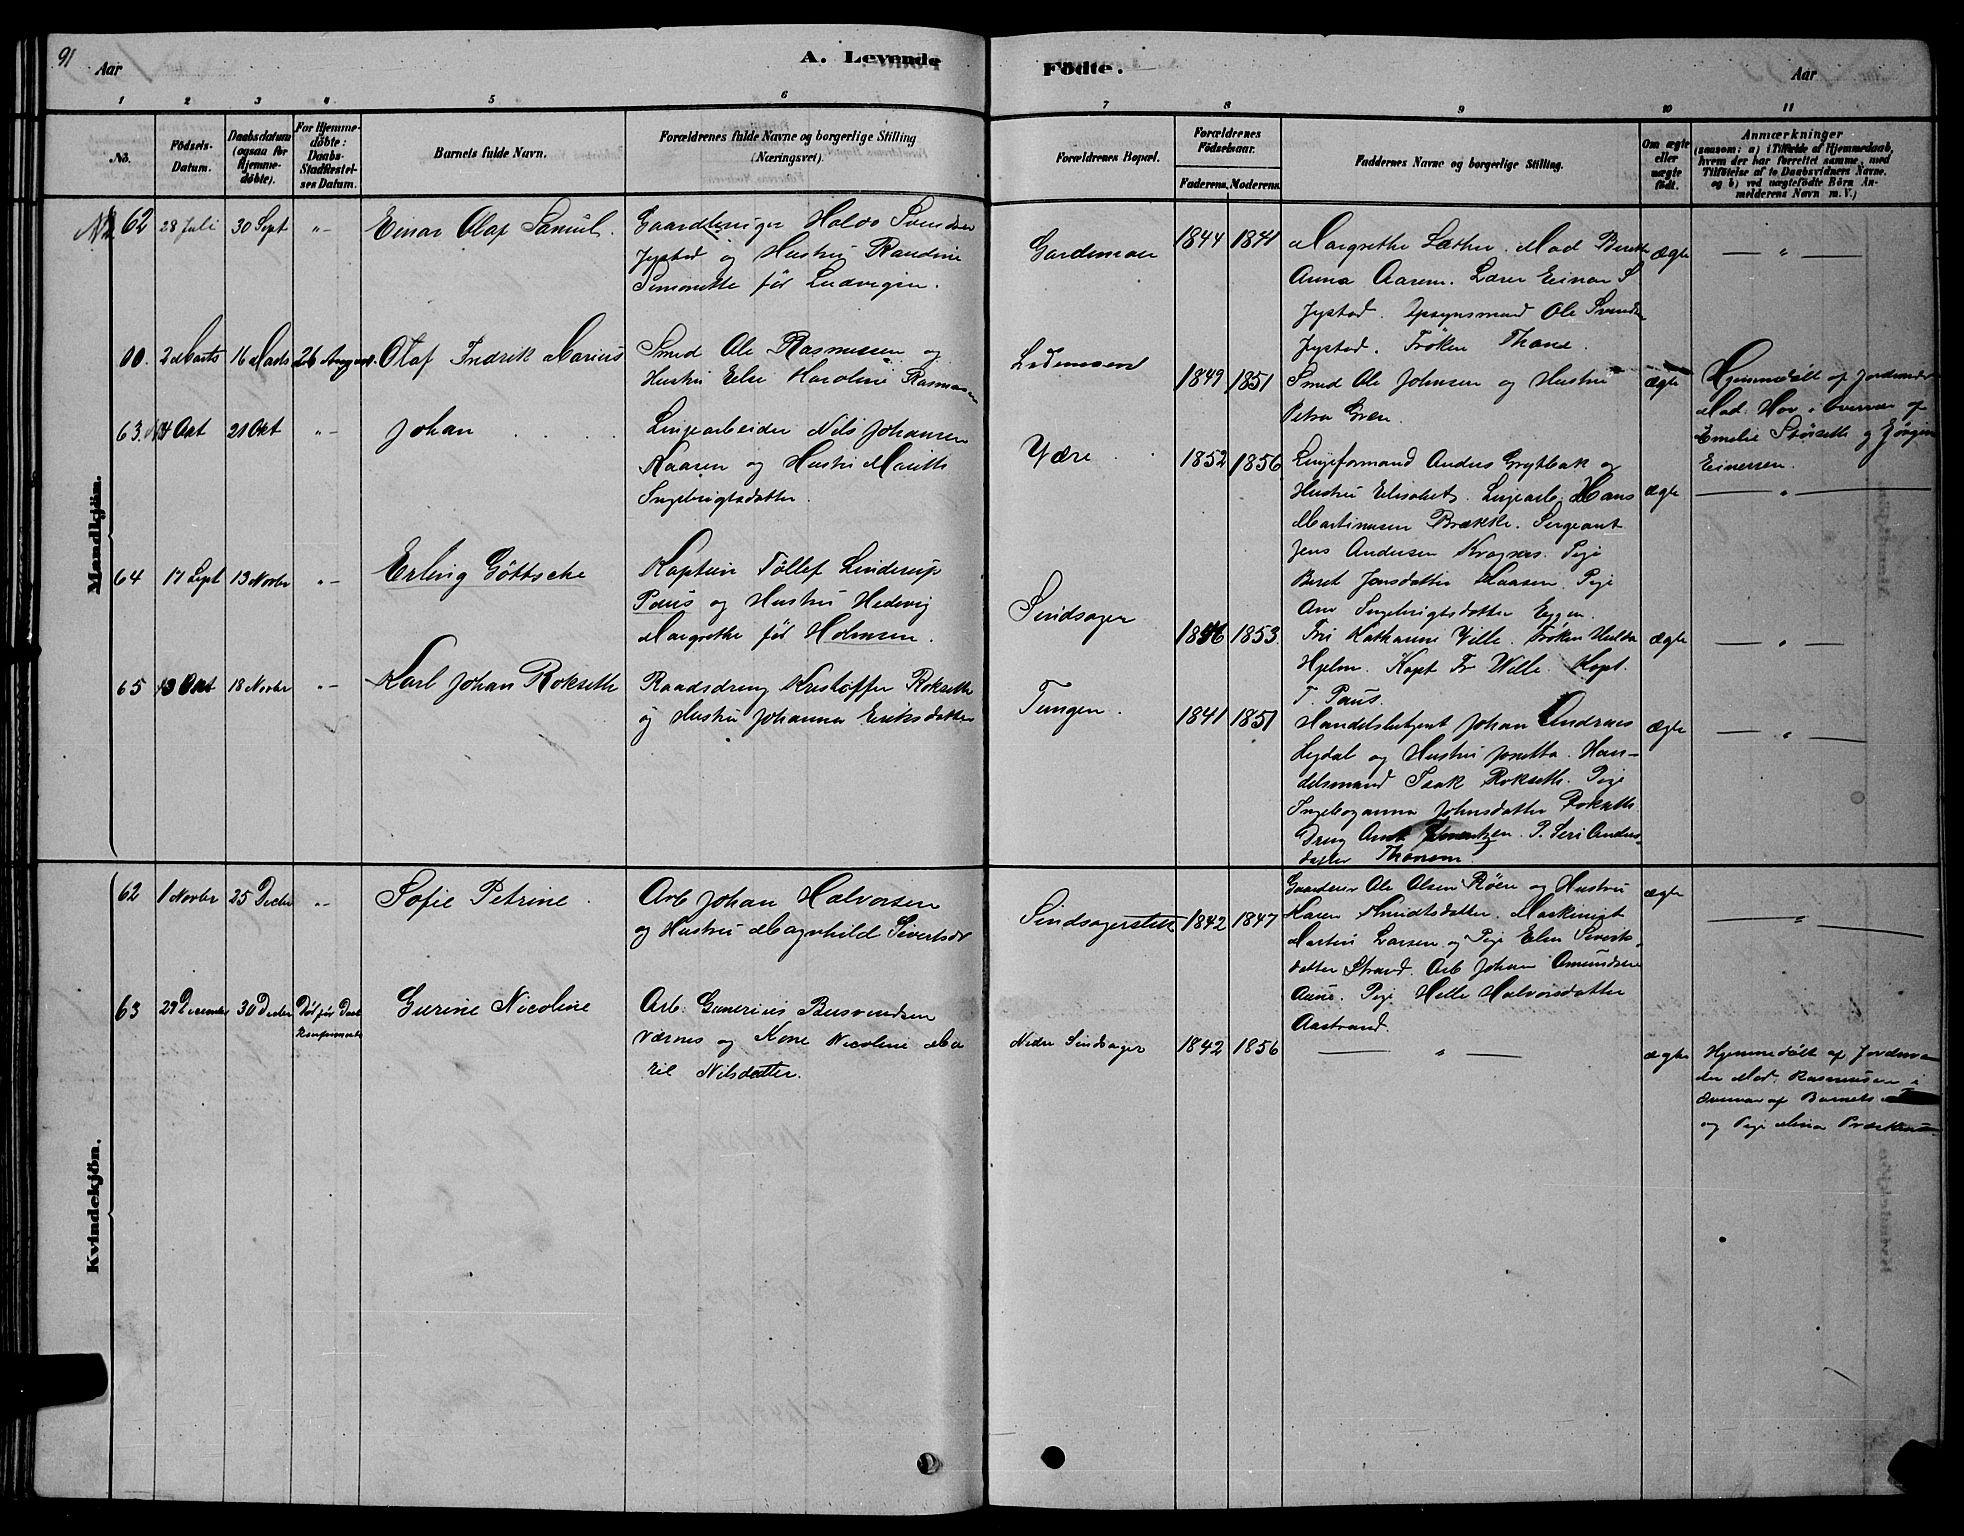 SAT, Ministerialprotokoller, klokkerbøker og fødselsregistre - Sør-Trøndelag, 606/L0312: Klokkerbok nr. 606C08, 1878-1894, s. 91